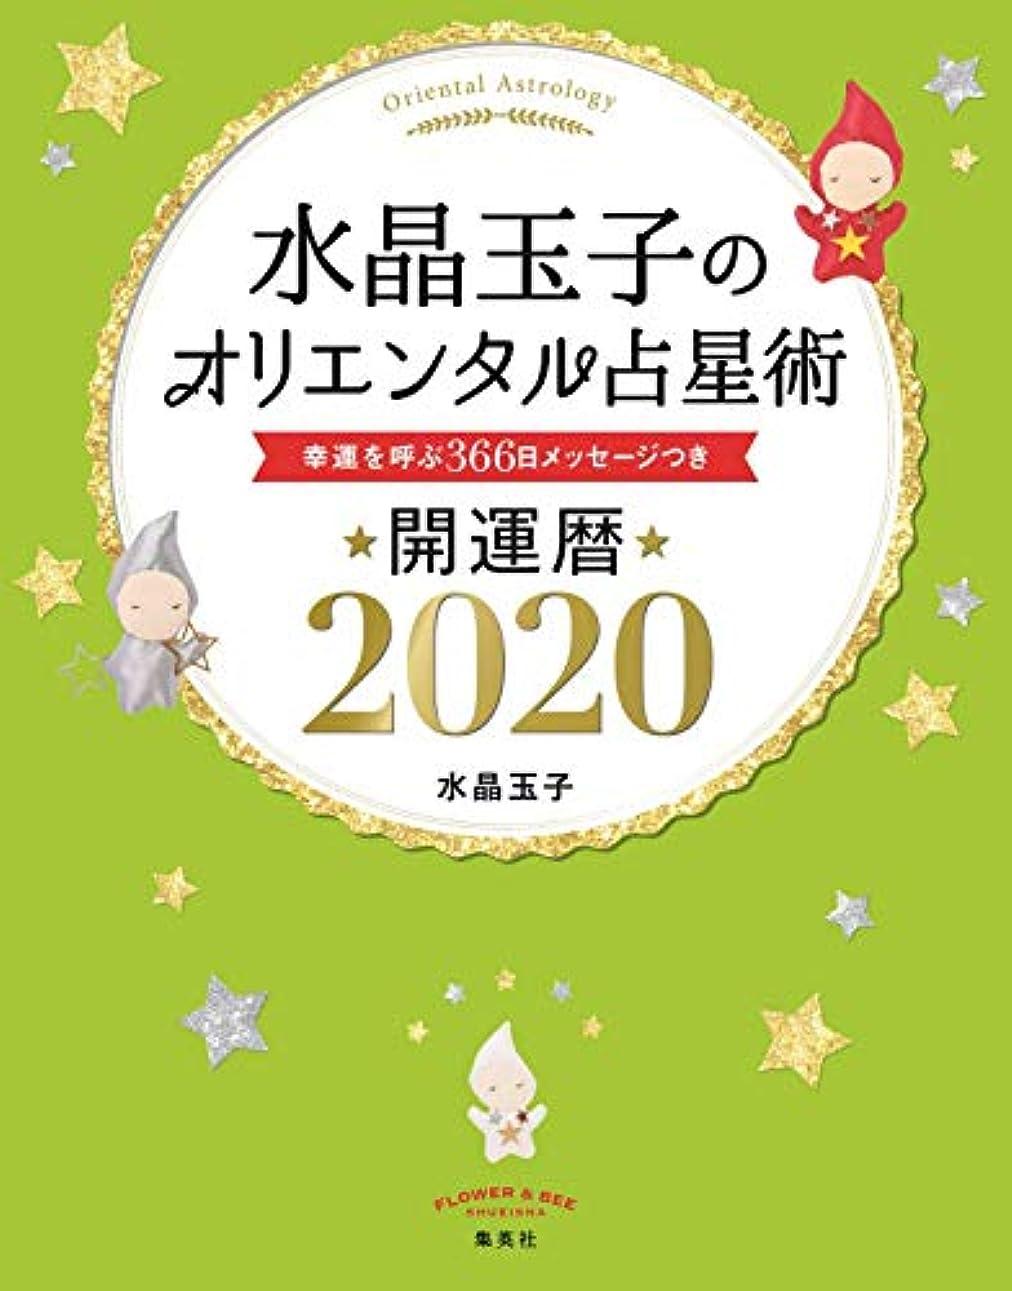 高度な創造休み水晶玉子のオリエンタル占星術 幸運を呼ぶ366日メッセージつき 開運暦2020 (カレンダー)